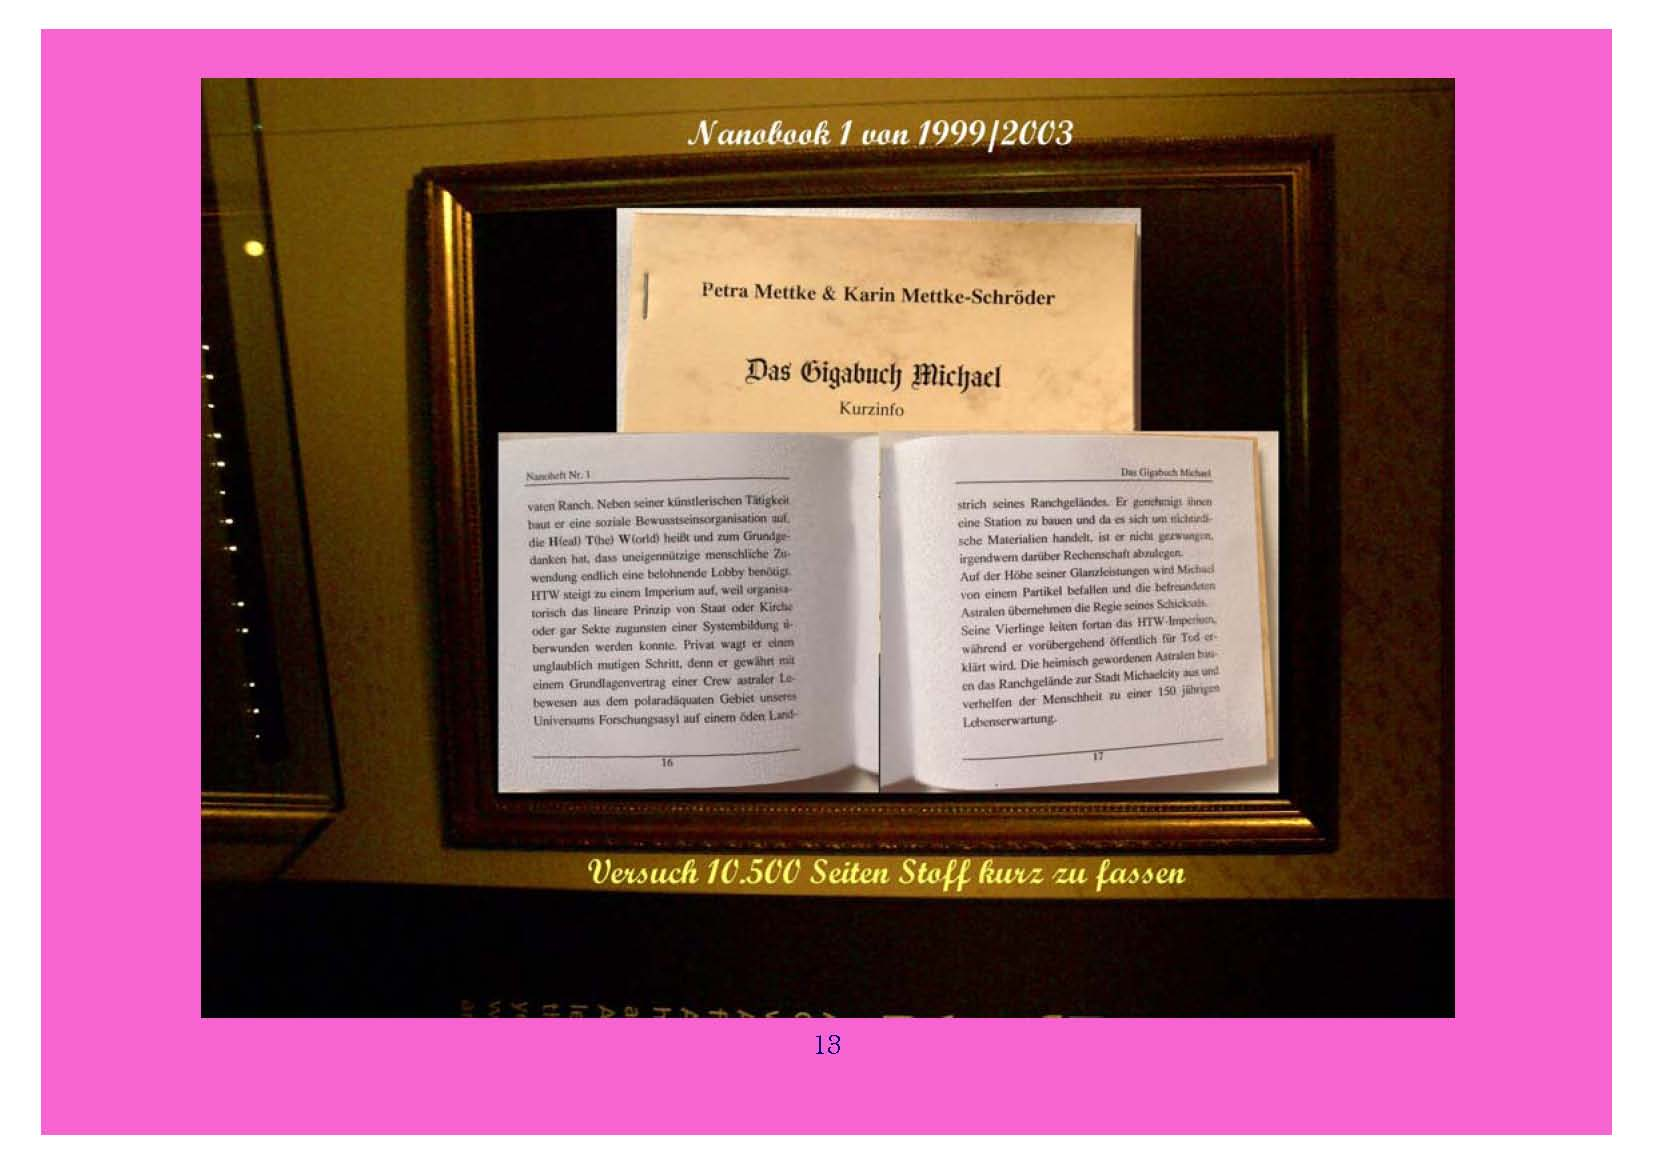 ™Gigabuch-Bibliothek/iAutobiographie Band 17/Bild 1265